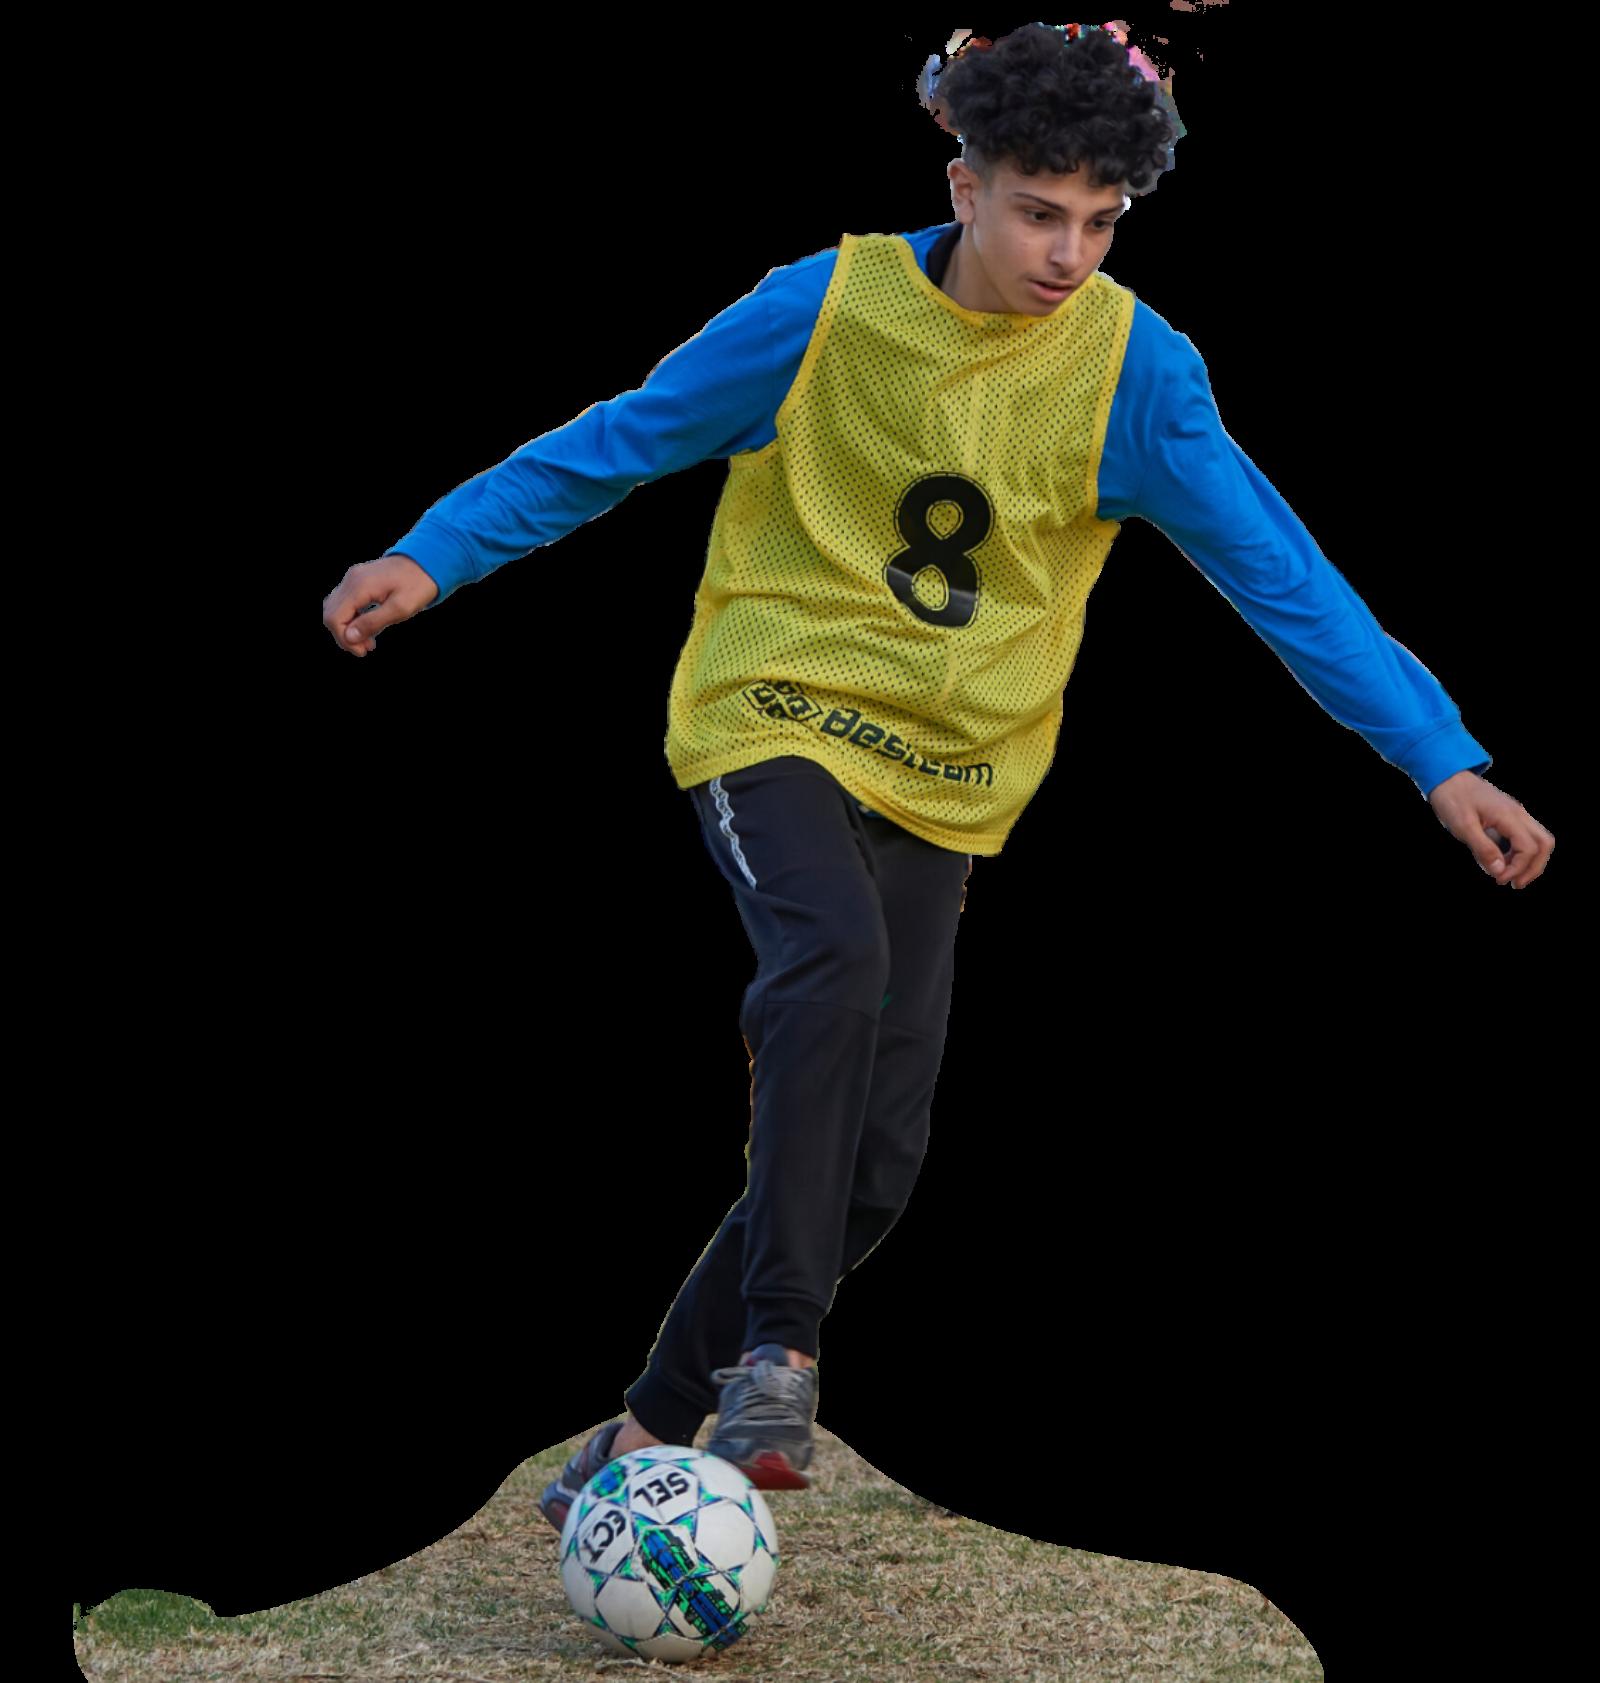 Soccer-In-The-City